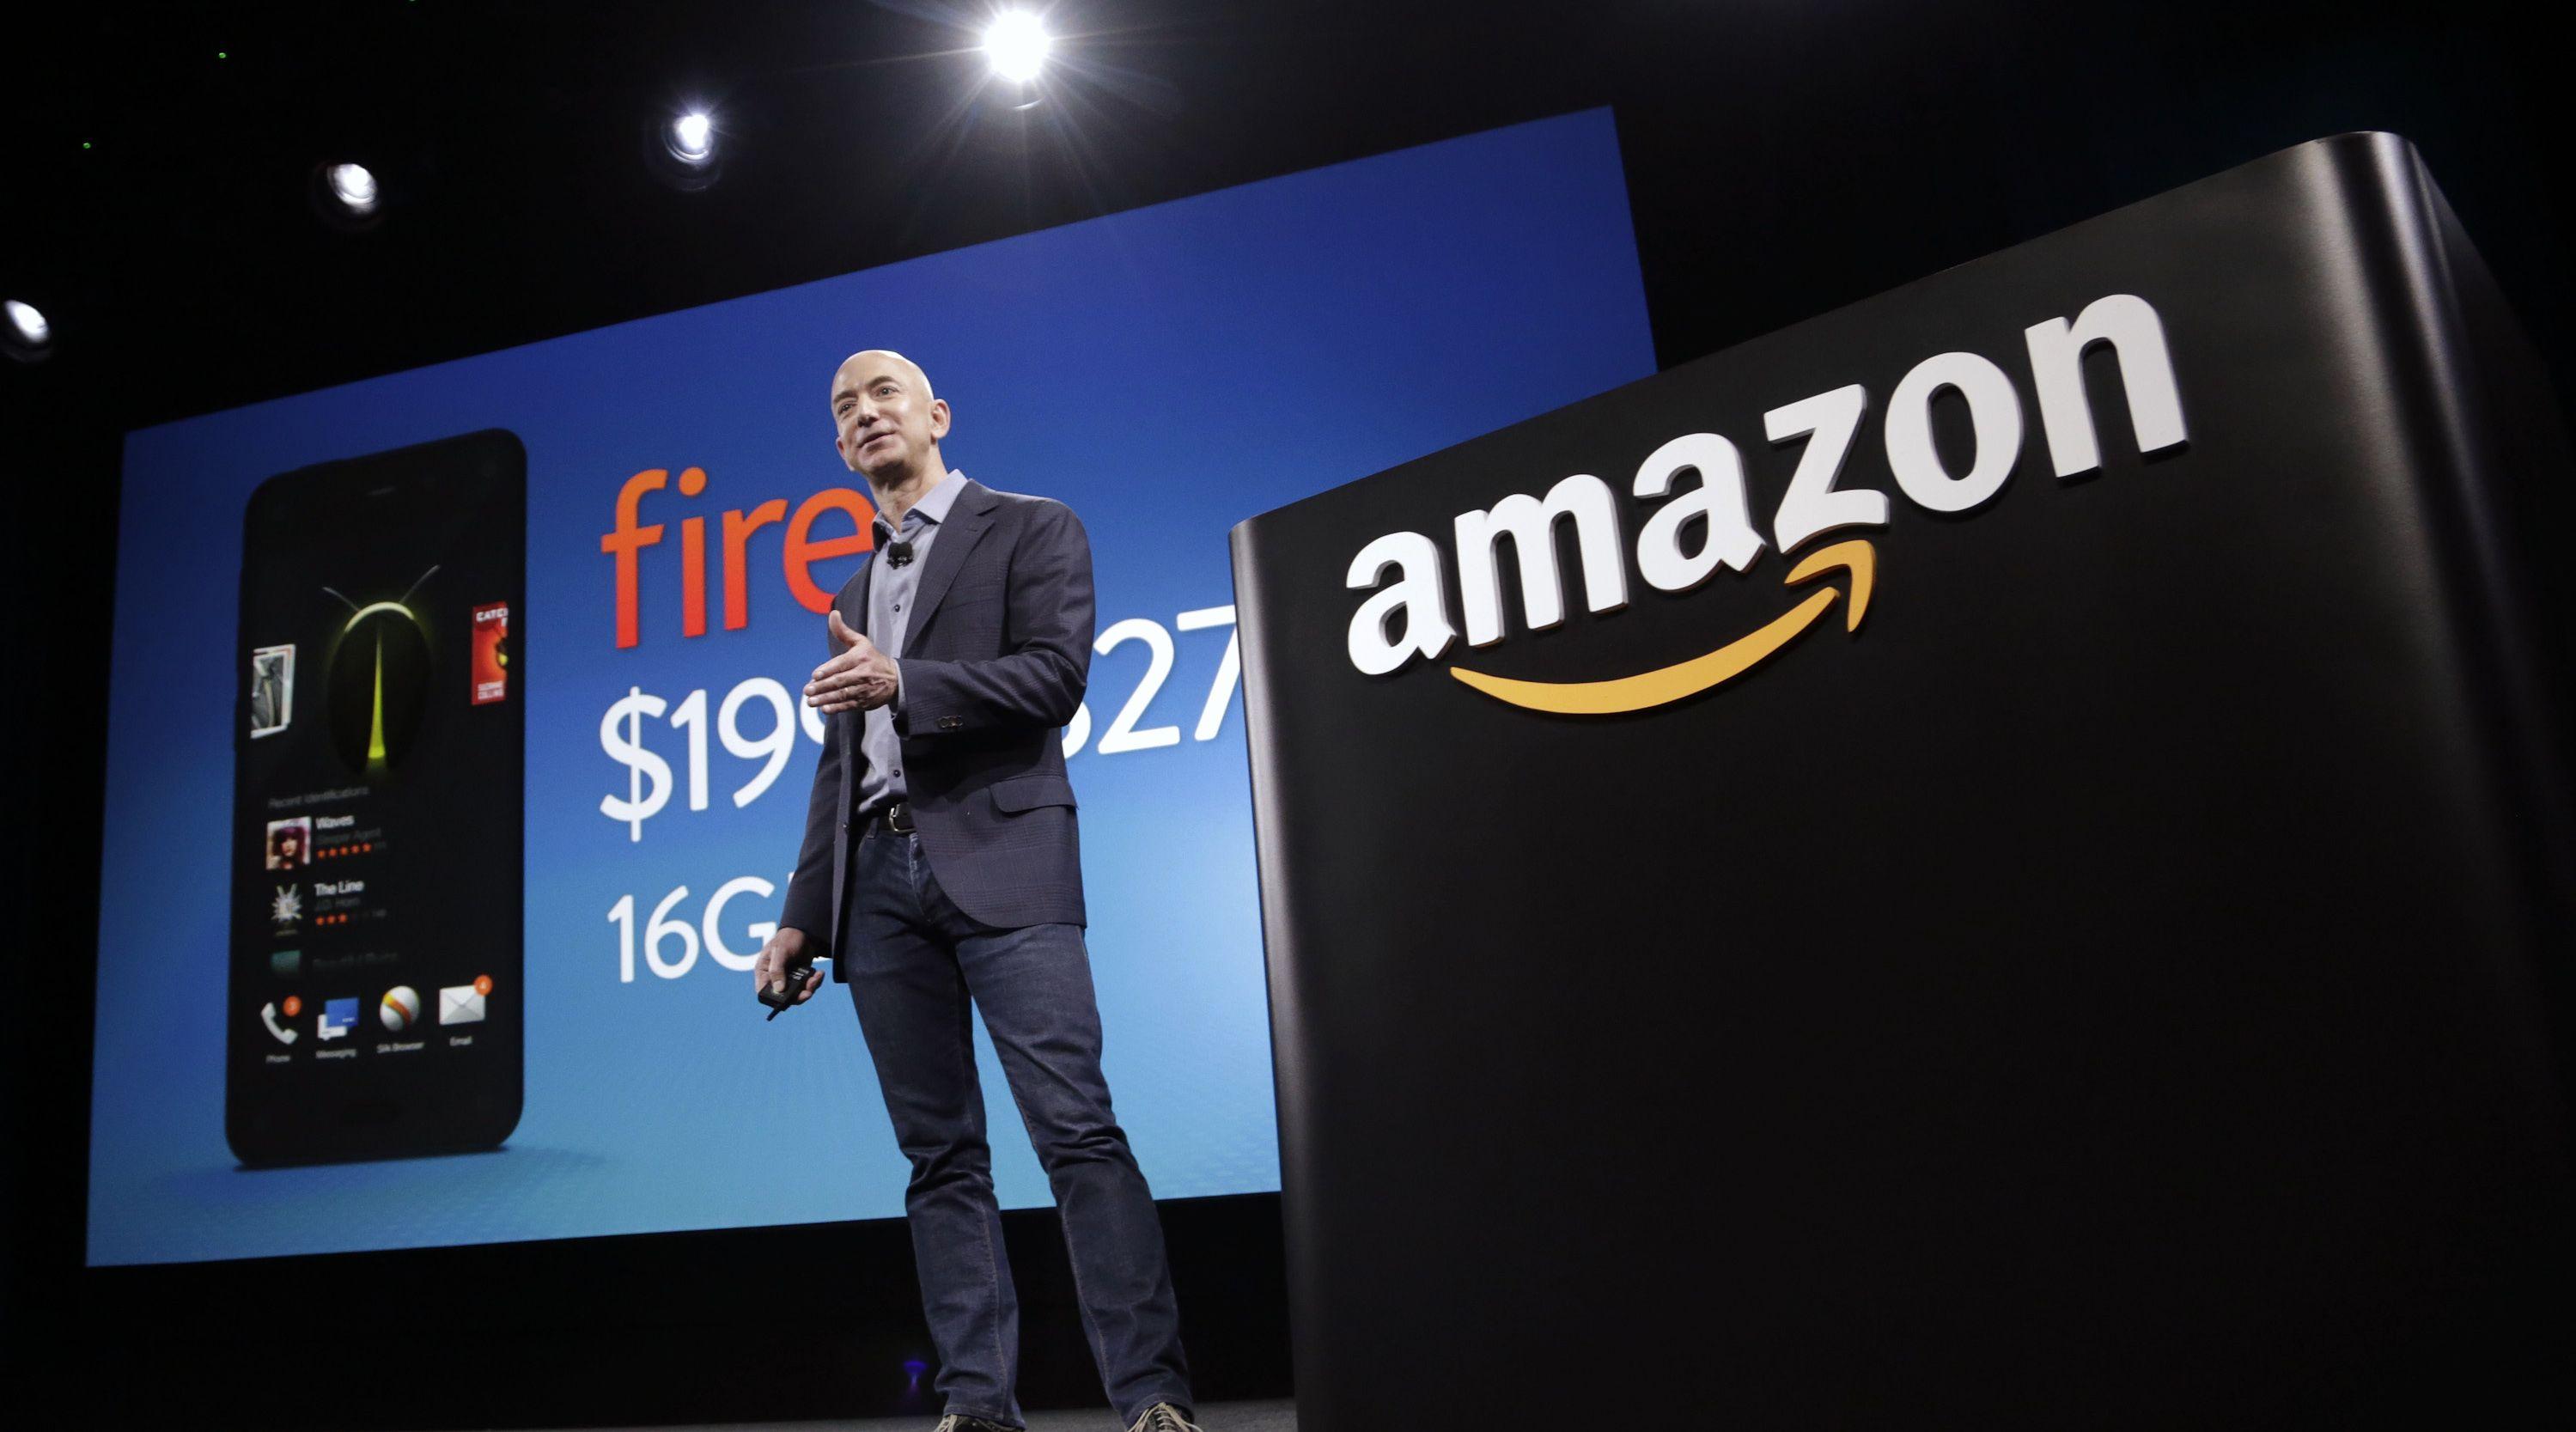 جيف بيزوس مؤسس شركة أمازون يتفوق على بيل جيتس ليتصدر قائمة أثرياء العالم